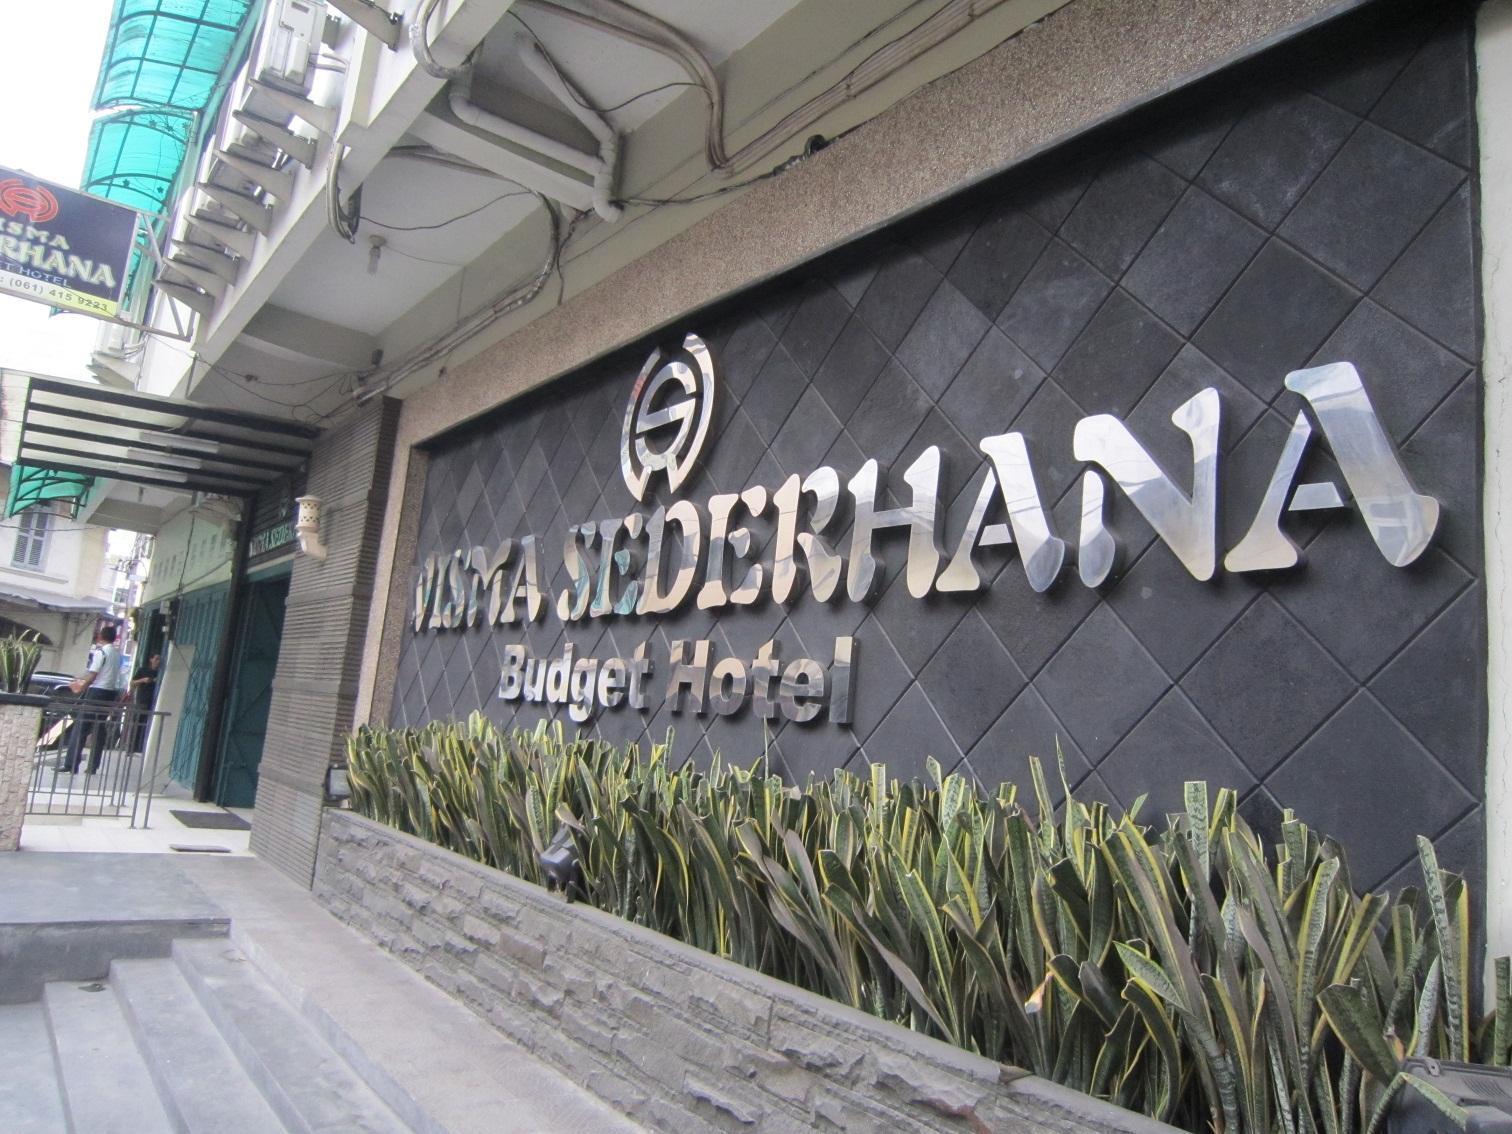 โรงแรมวิสมาเซเดอร์ฮานาบัดเจ็ท